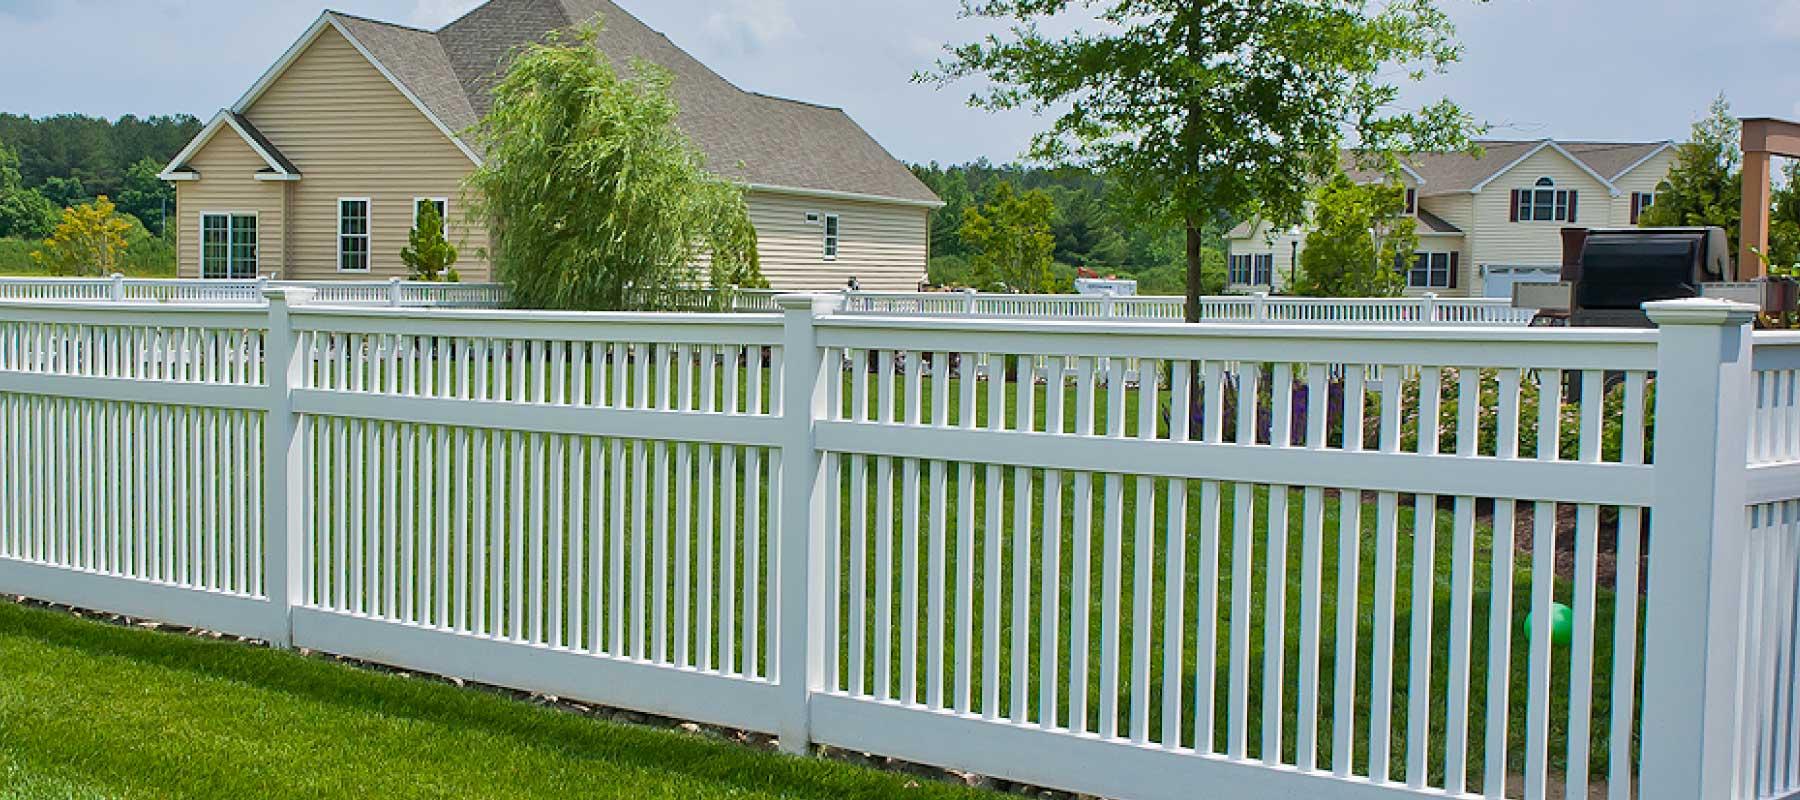 Princeton ornamental vinyl fence shoreline vinyl systems color options baanklon Images